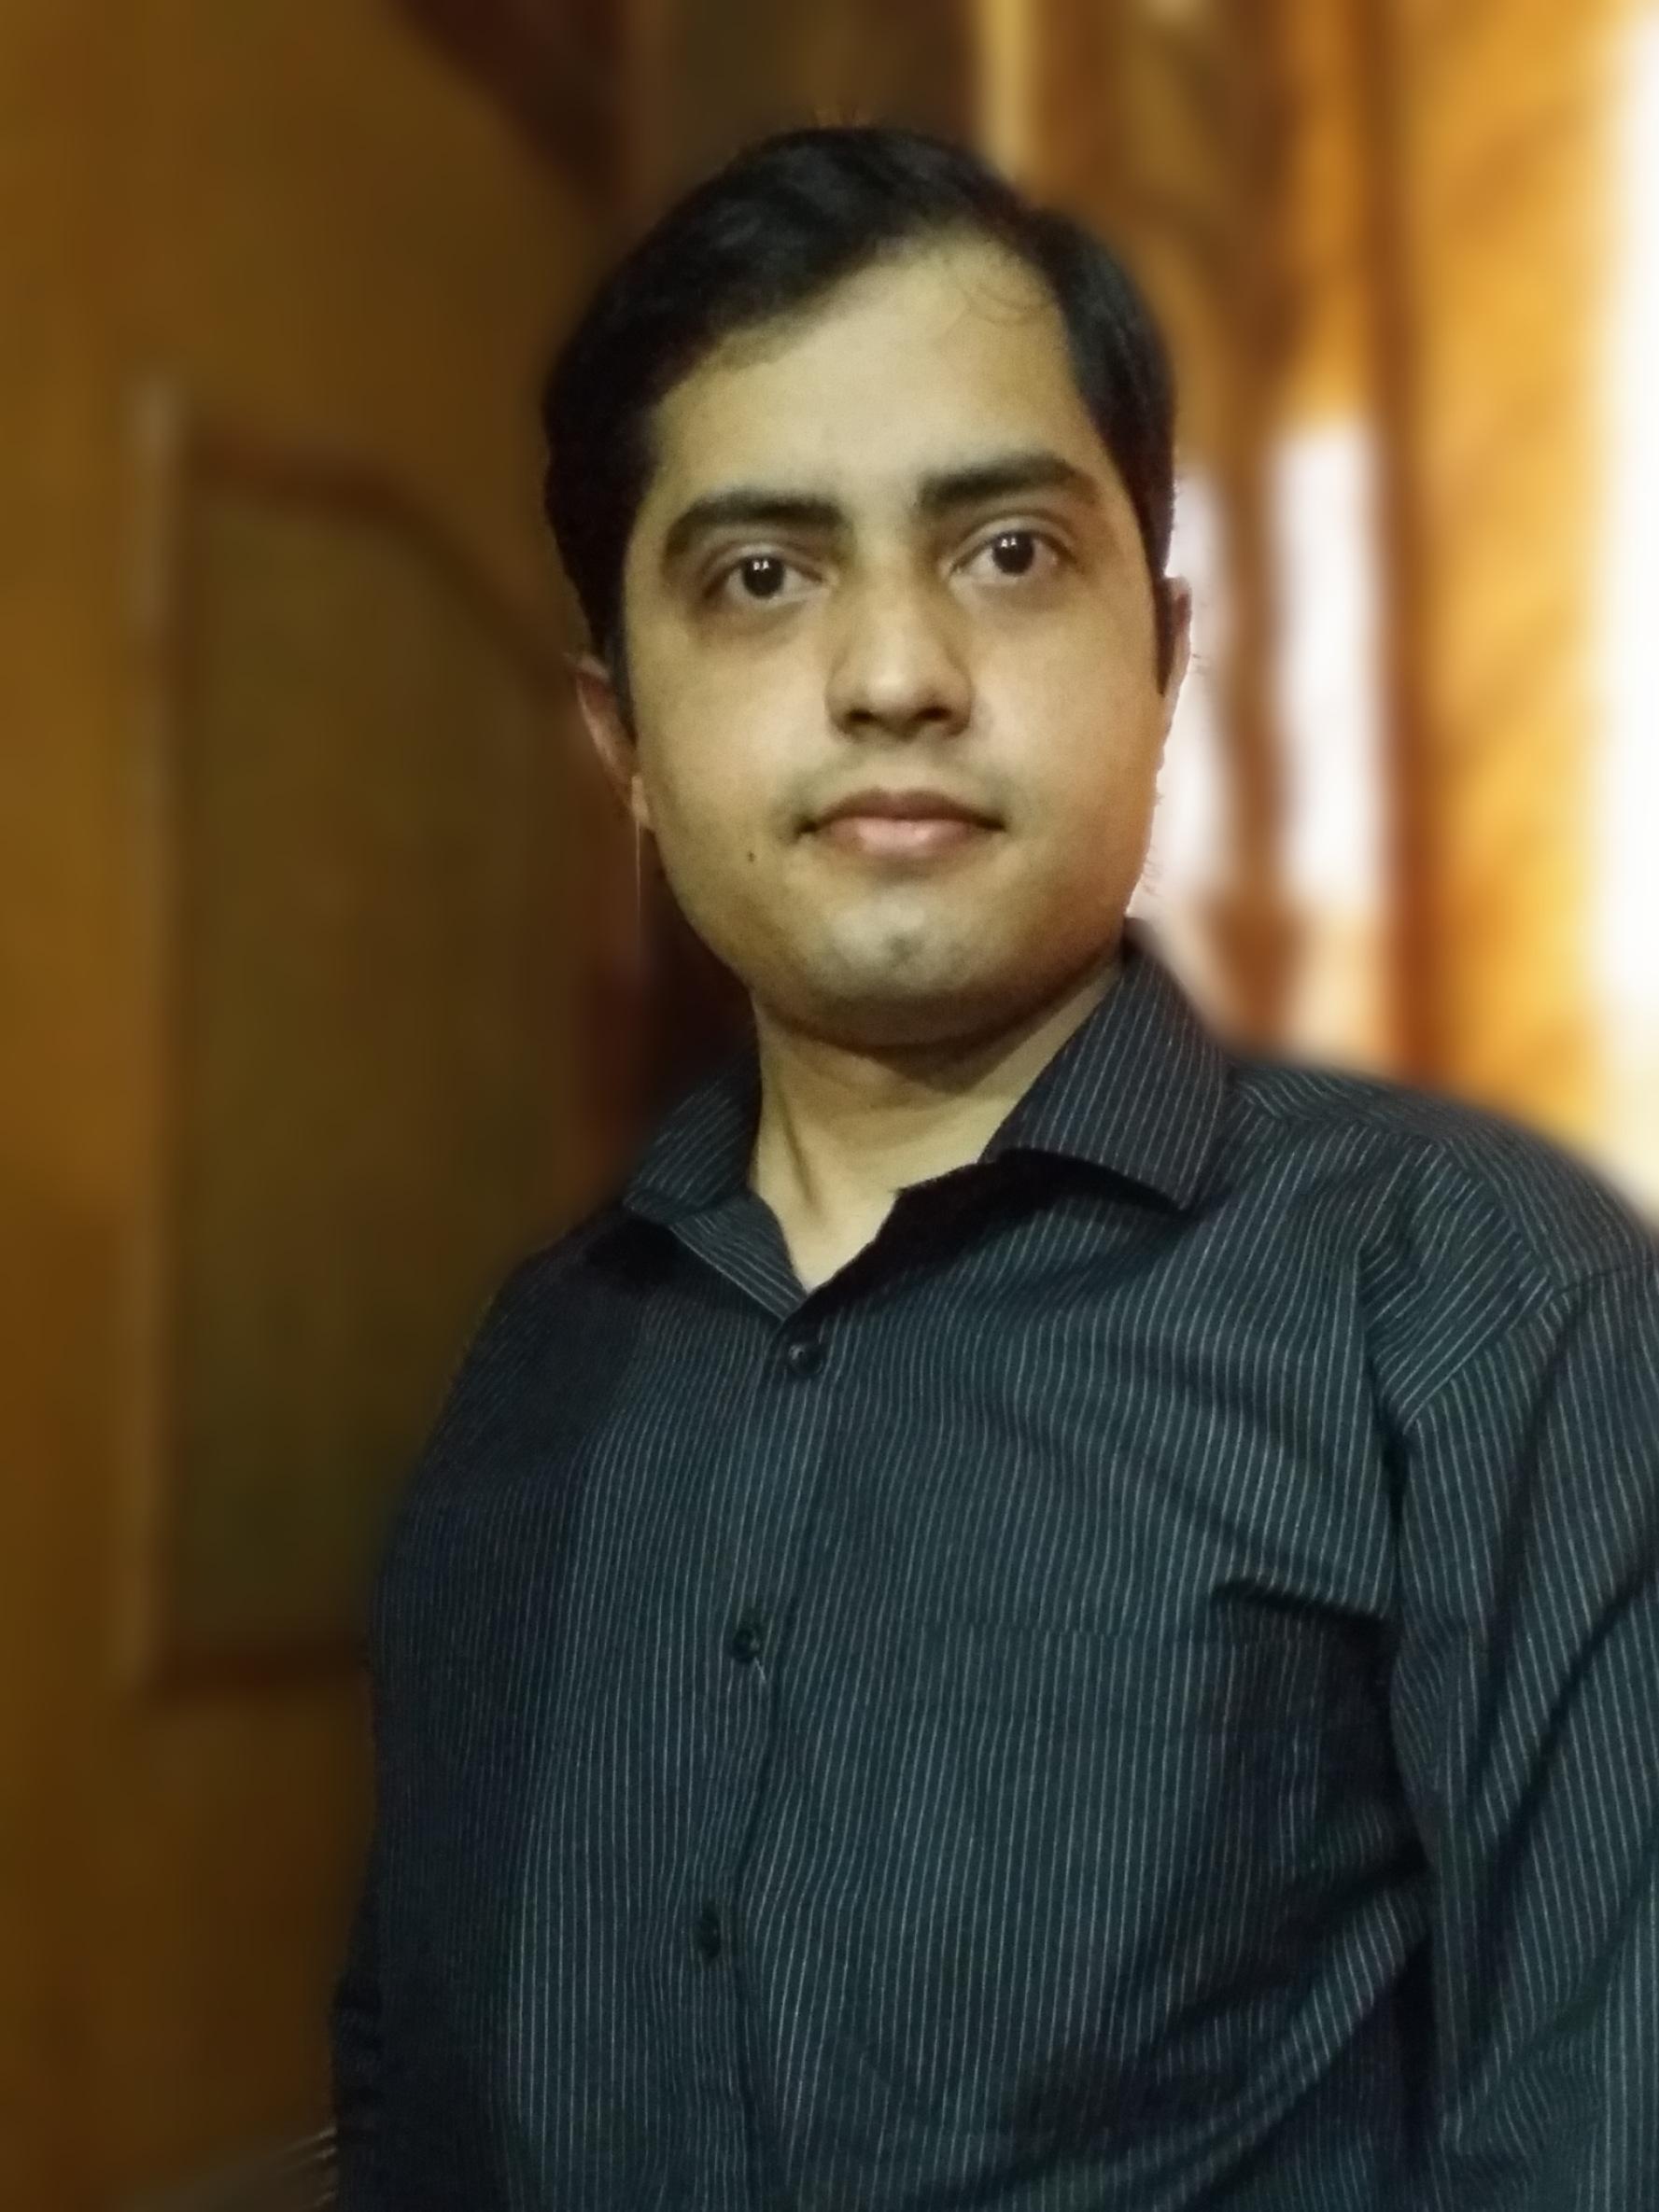 Dr. Anubhav Jha